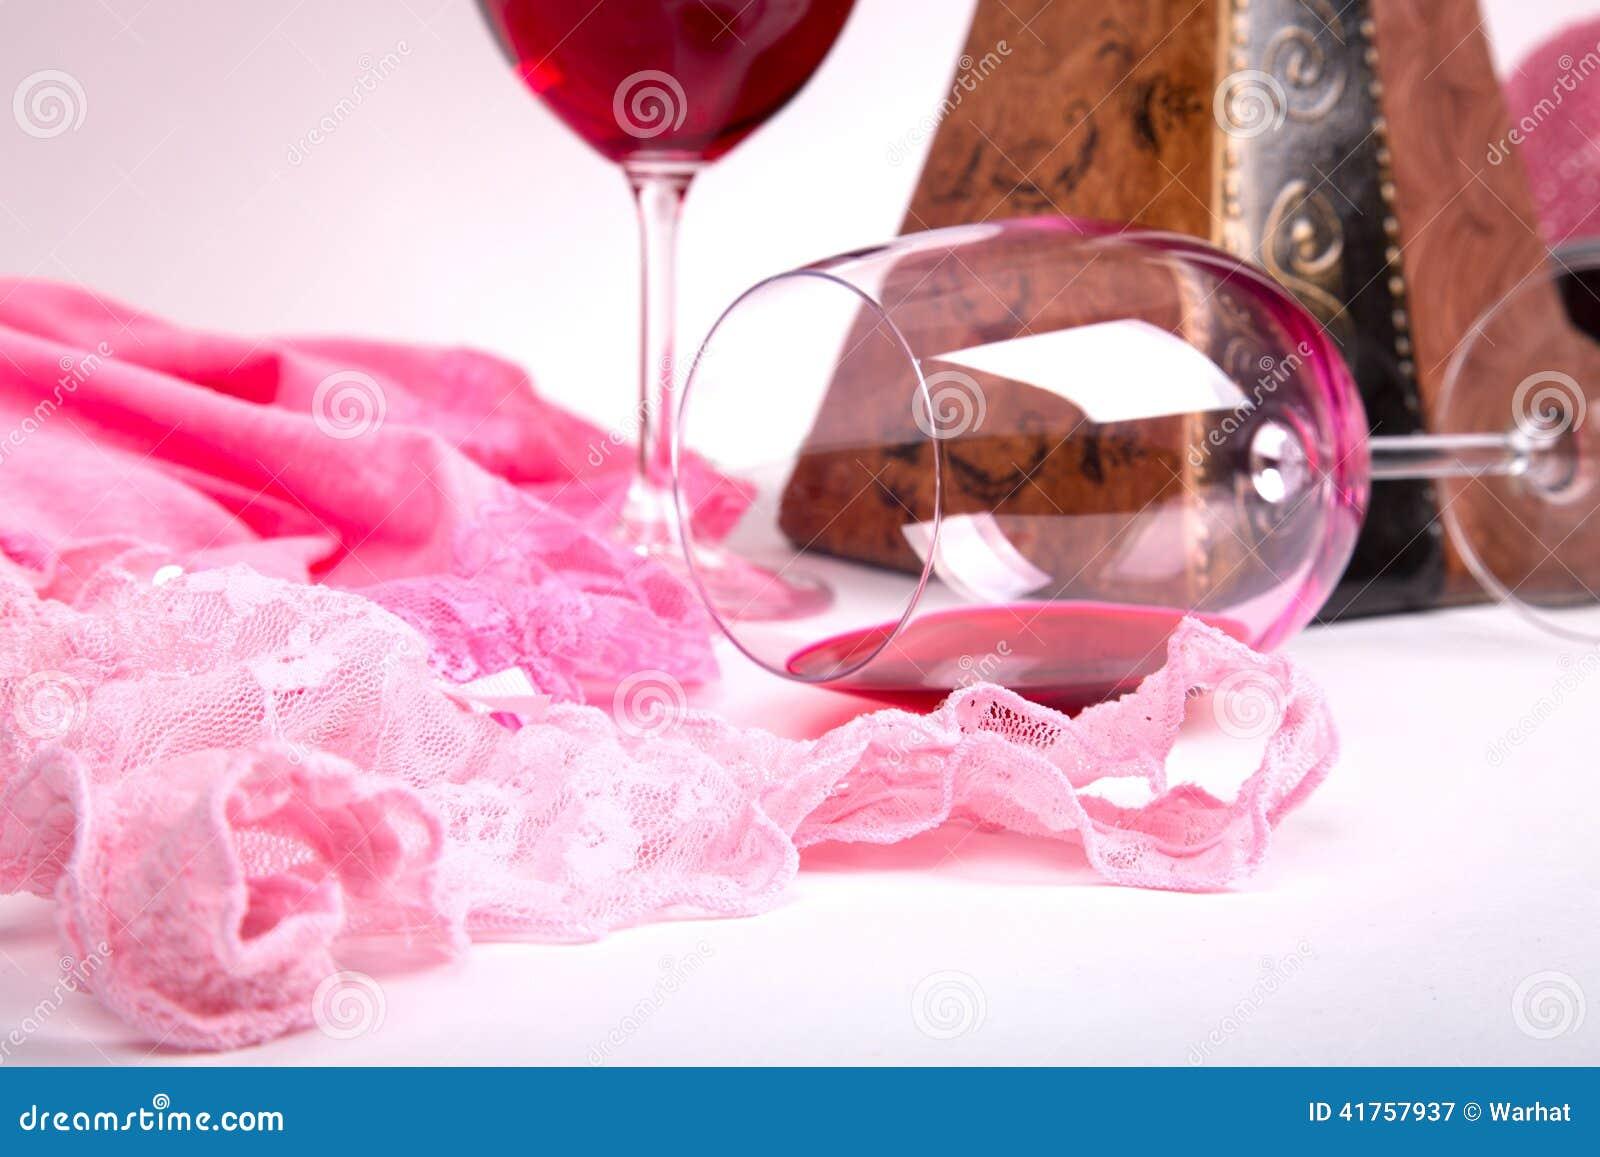 Twee glazen rode wijn op een witte achtergrond van ongeveer roze ...